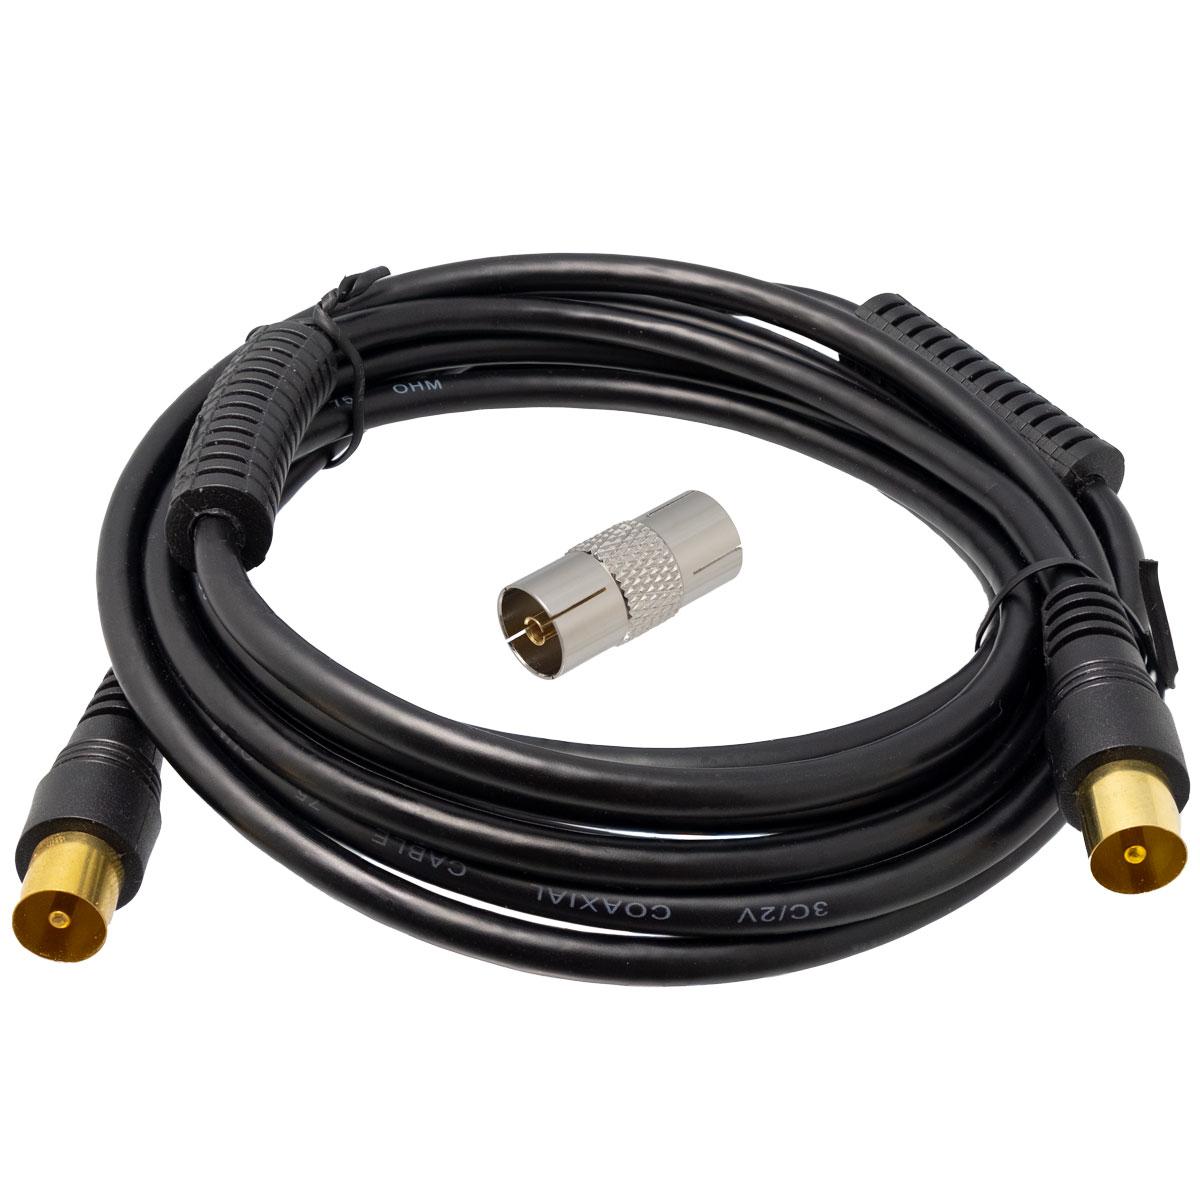 Conjunto cable de antena COAXIAL 2,5m negro con ferritas Macho - Macho y adaptador Hembra - Hembra